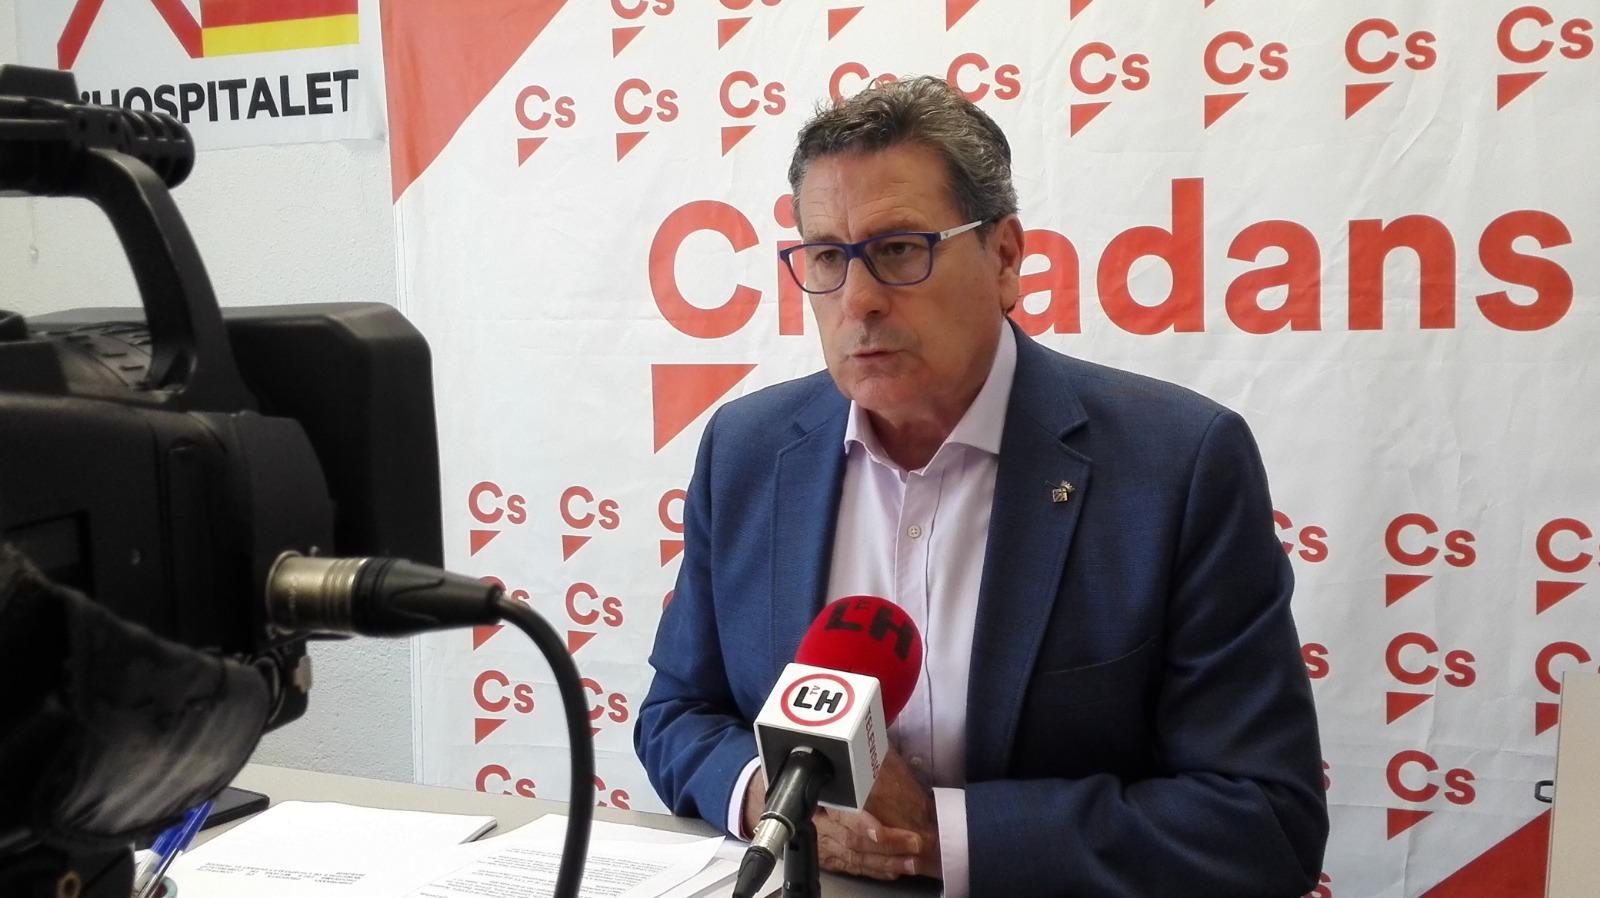 El portavoz de Cs l'Hospitalet, Miguel García, atiende a los medios de comunicación en rueda de prensa